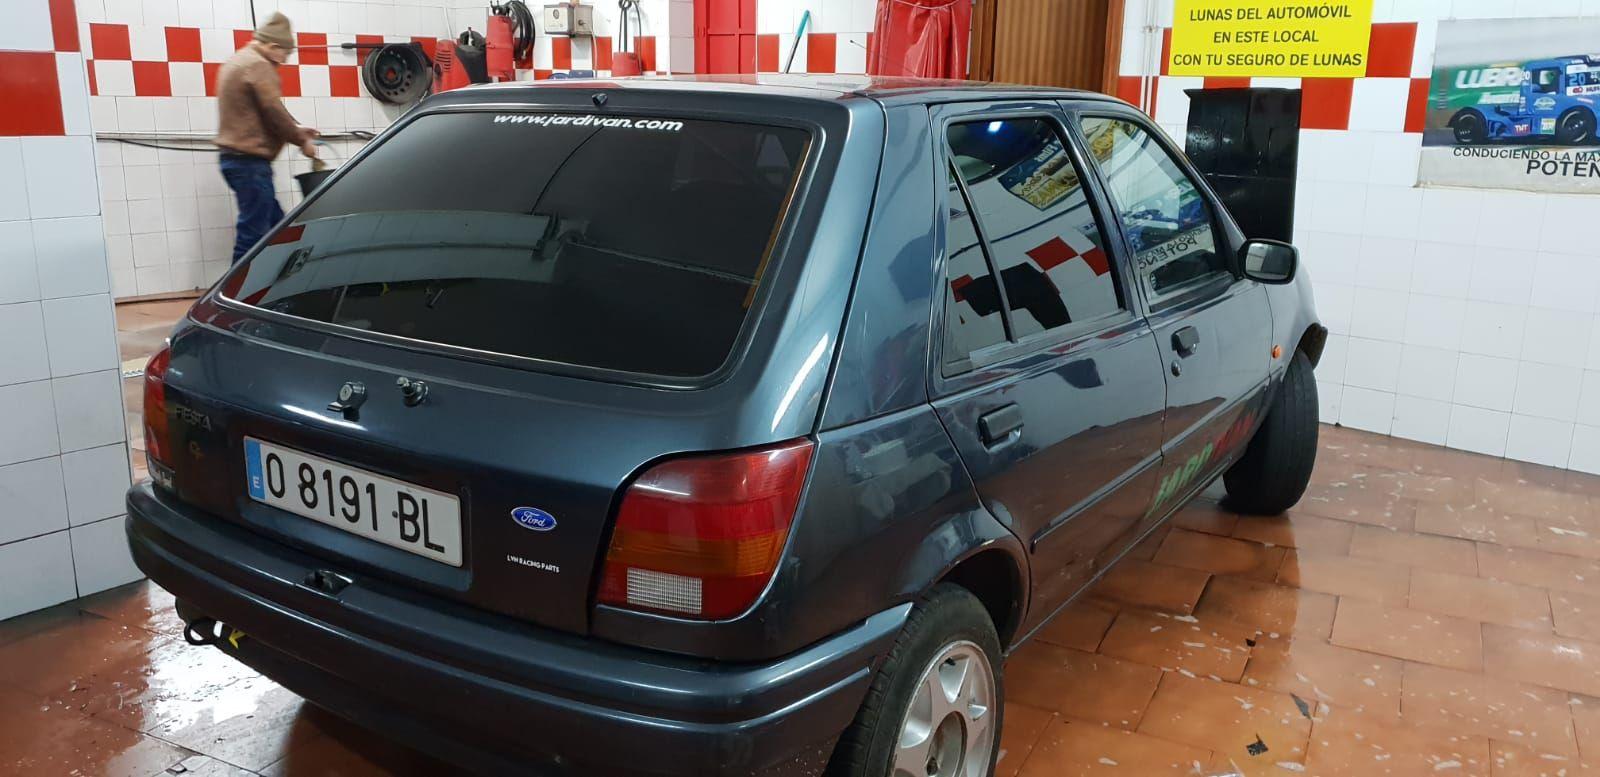 Foto 20 de Cristalería del automóvil en Gijón | Tintado de Lunas Asturias